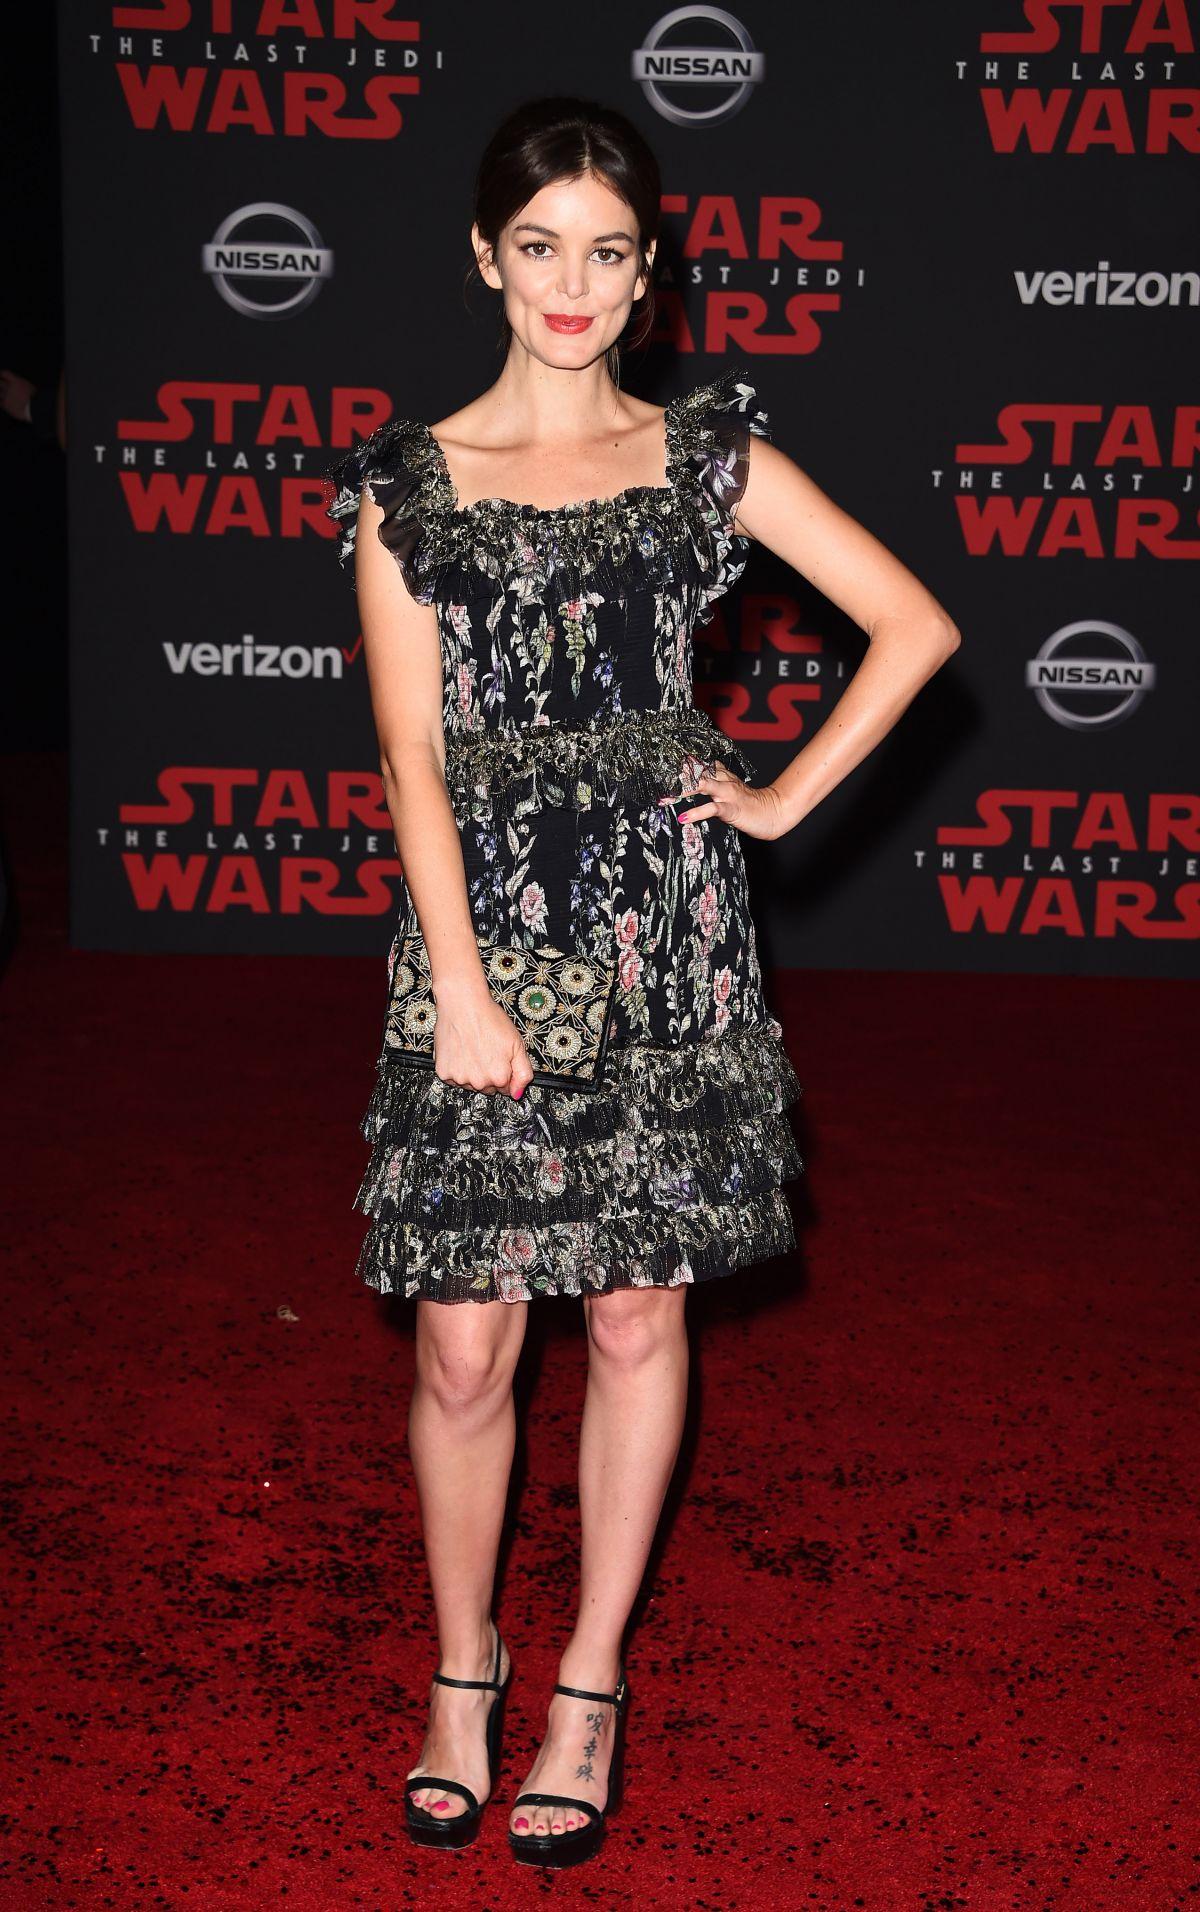 NORA ZEHETNER at Star Wars: The Last Jedi Premiere in Los ...